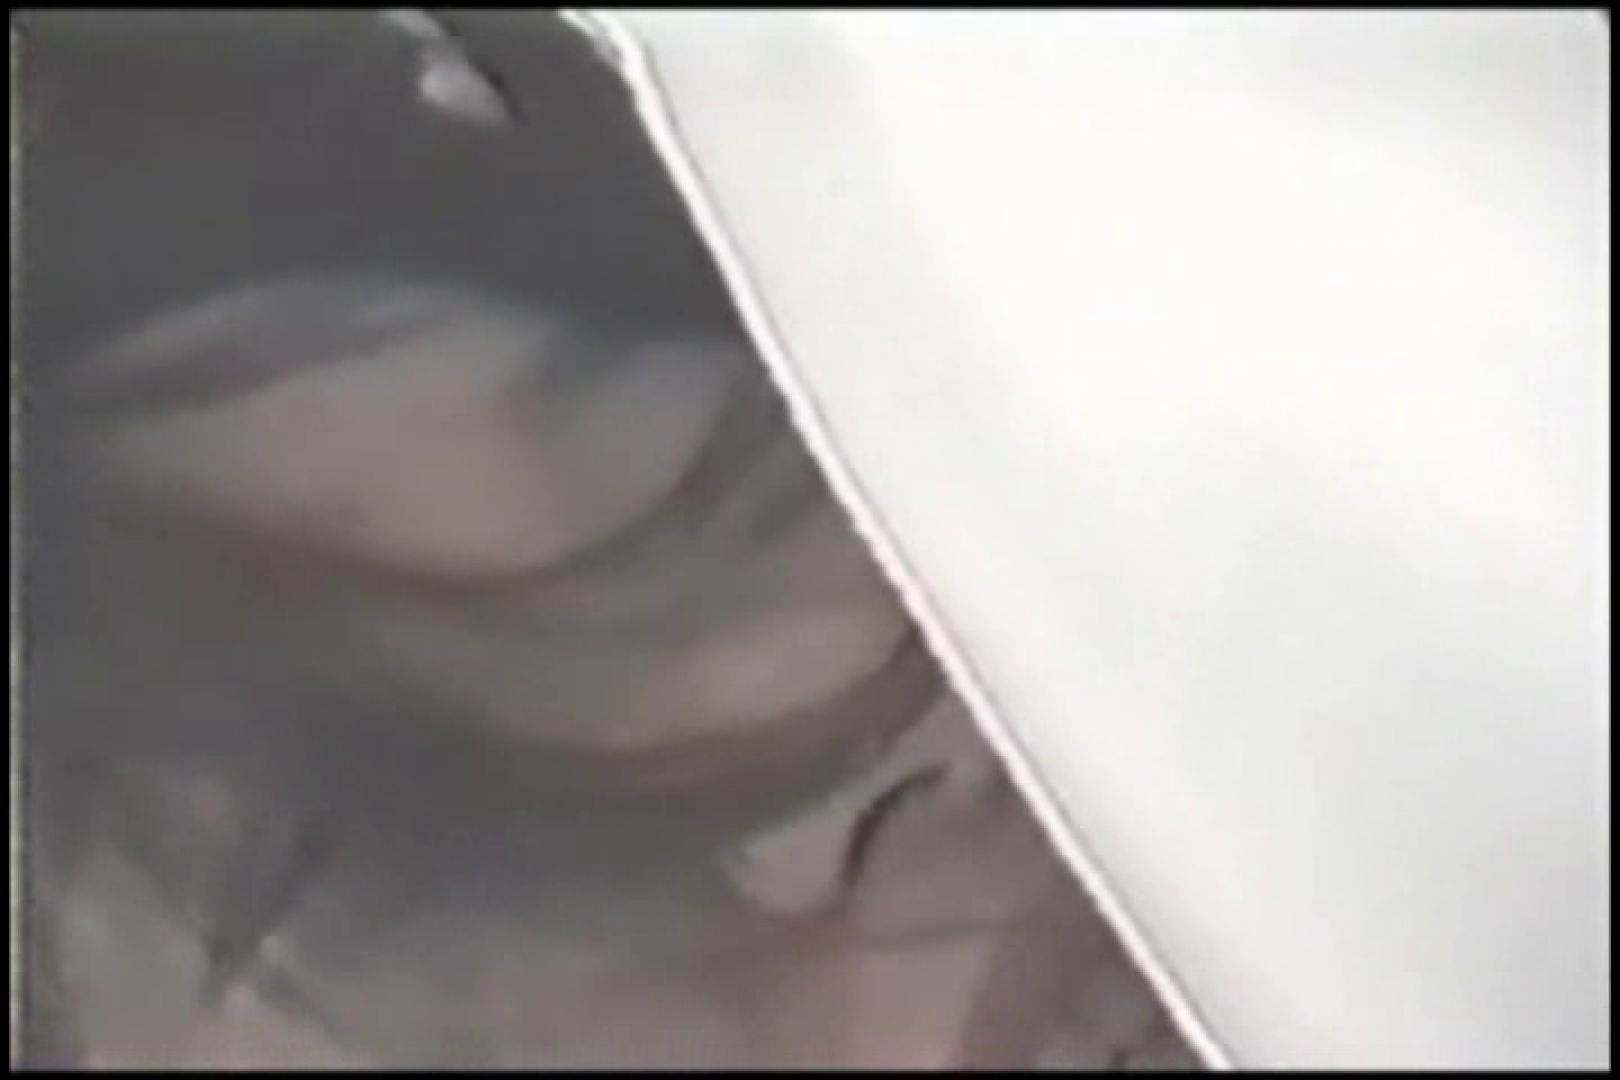 前後不覚に酔っている女を撮影する鬼畜親父 鬼畜  70pic 48